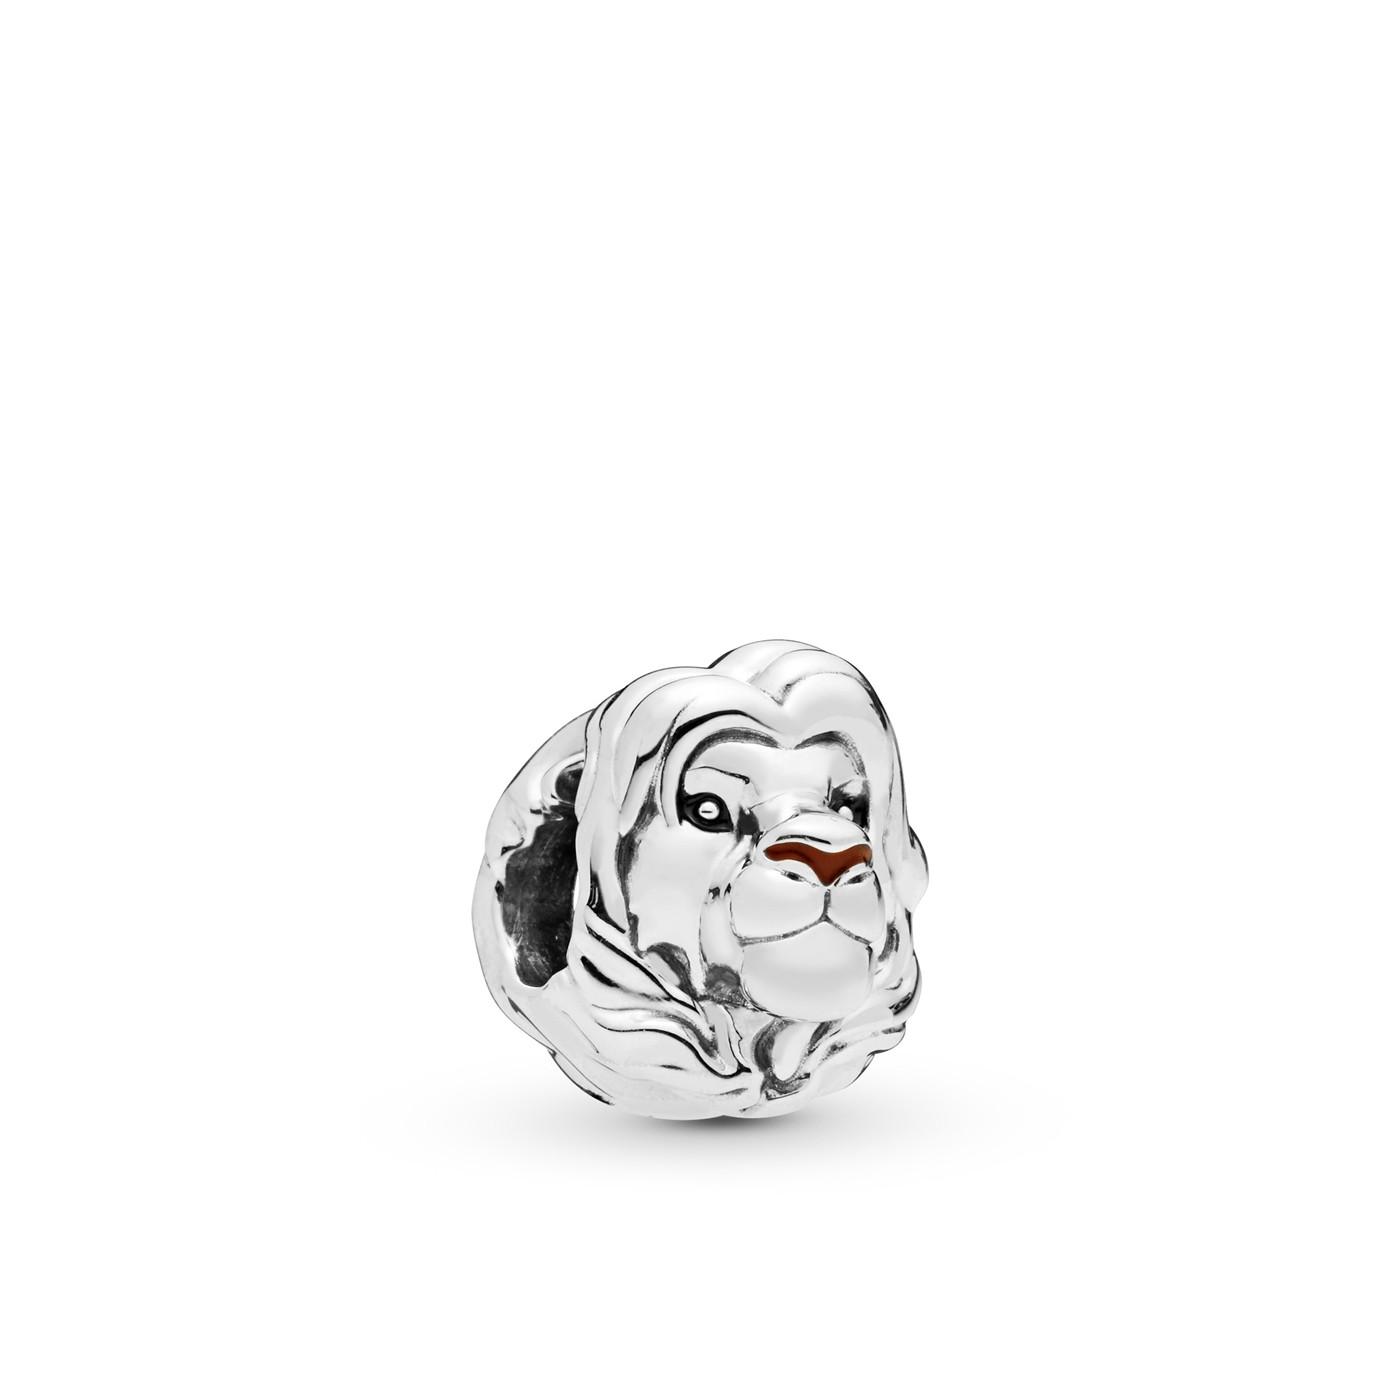 Pandora Moments 925 Sterling Zilveren Disney Simba Bedel 798049ENMX